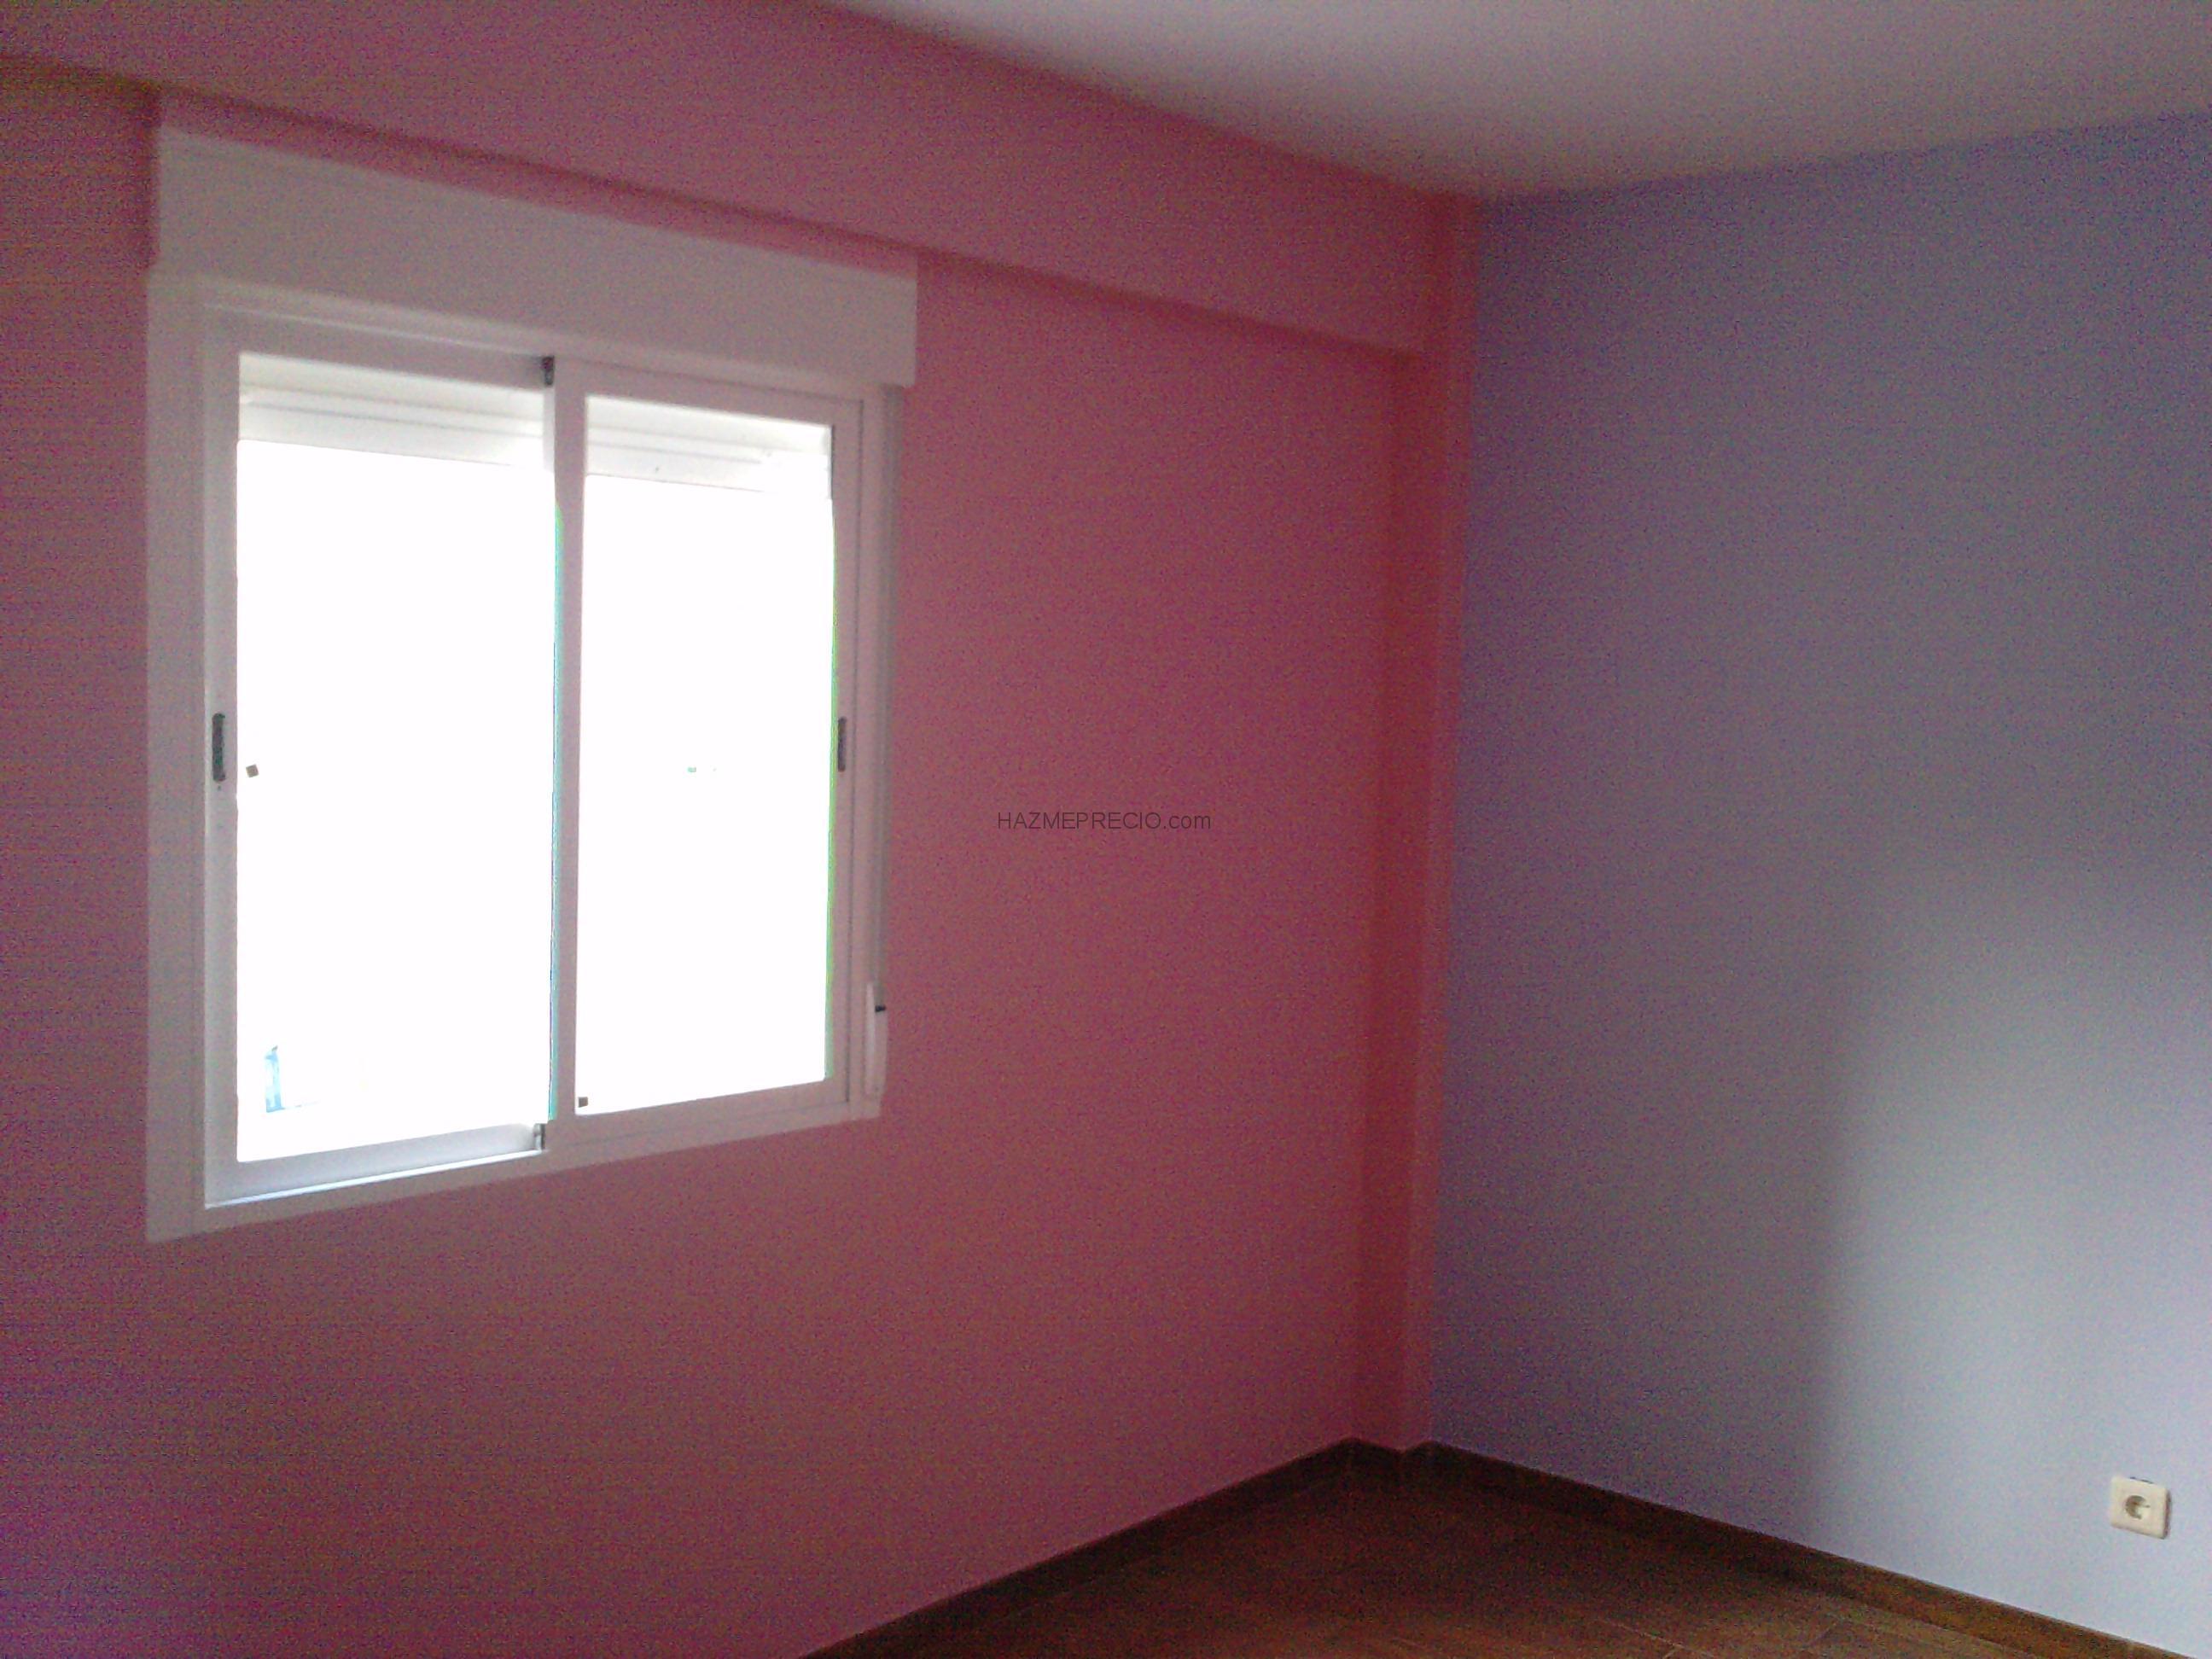 Pintar la casa con colores de moda - Pintar la casa de colores ...